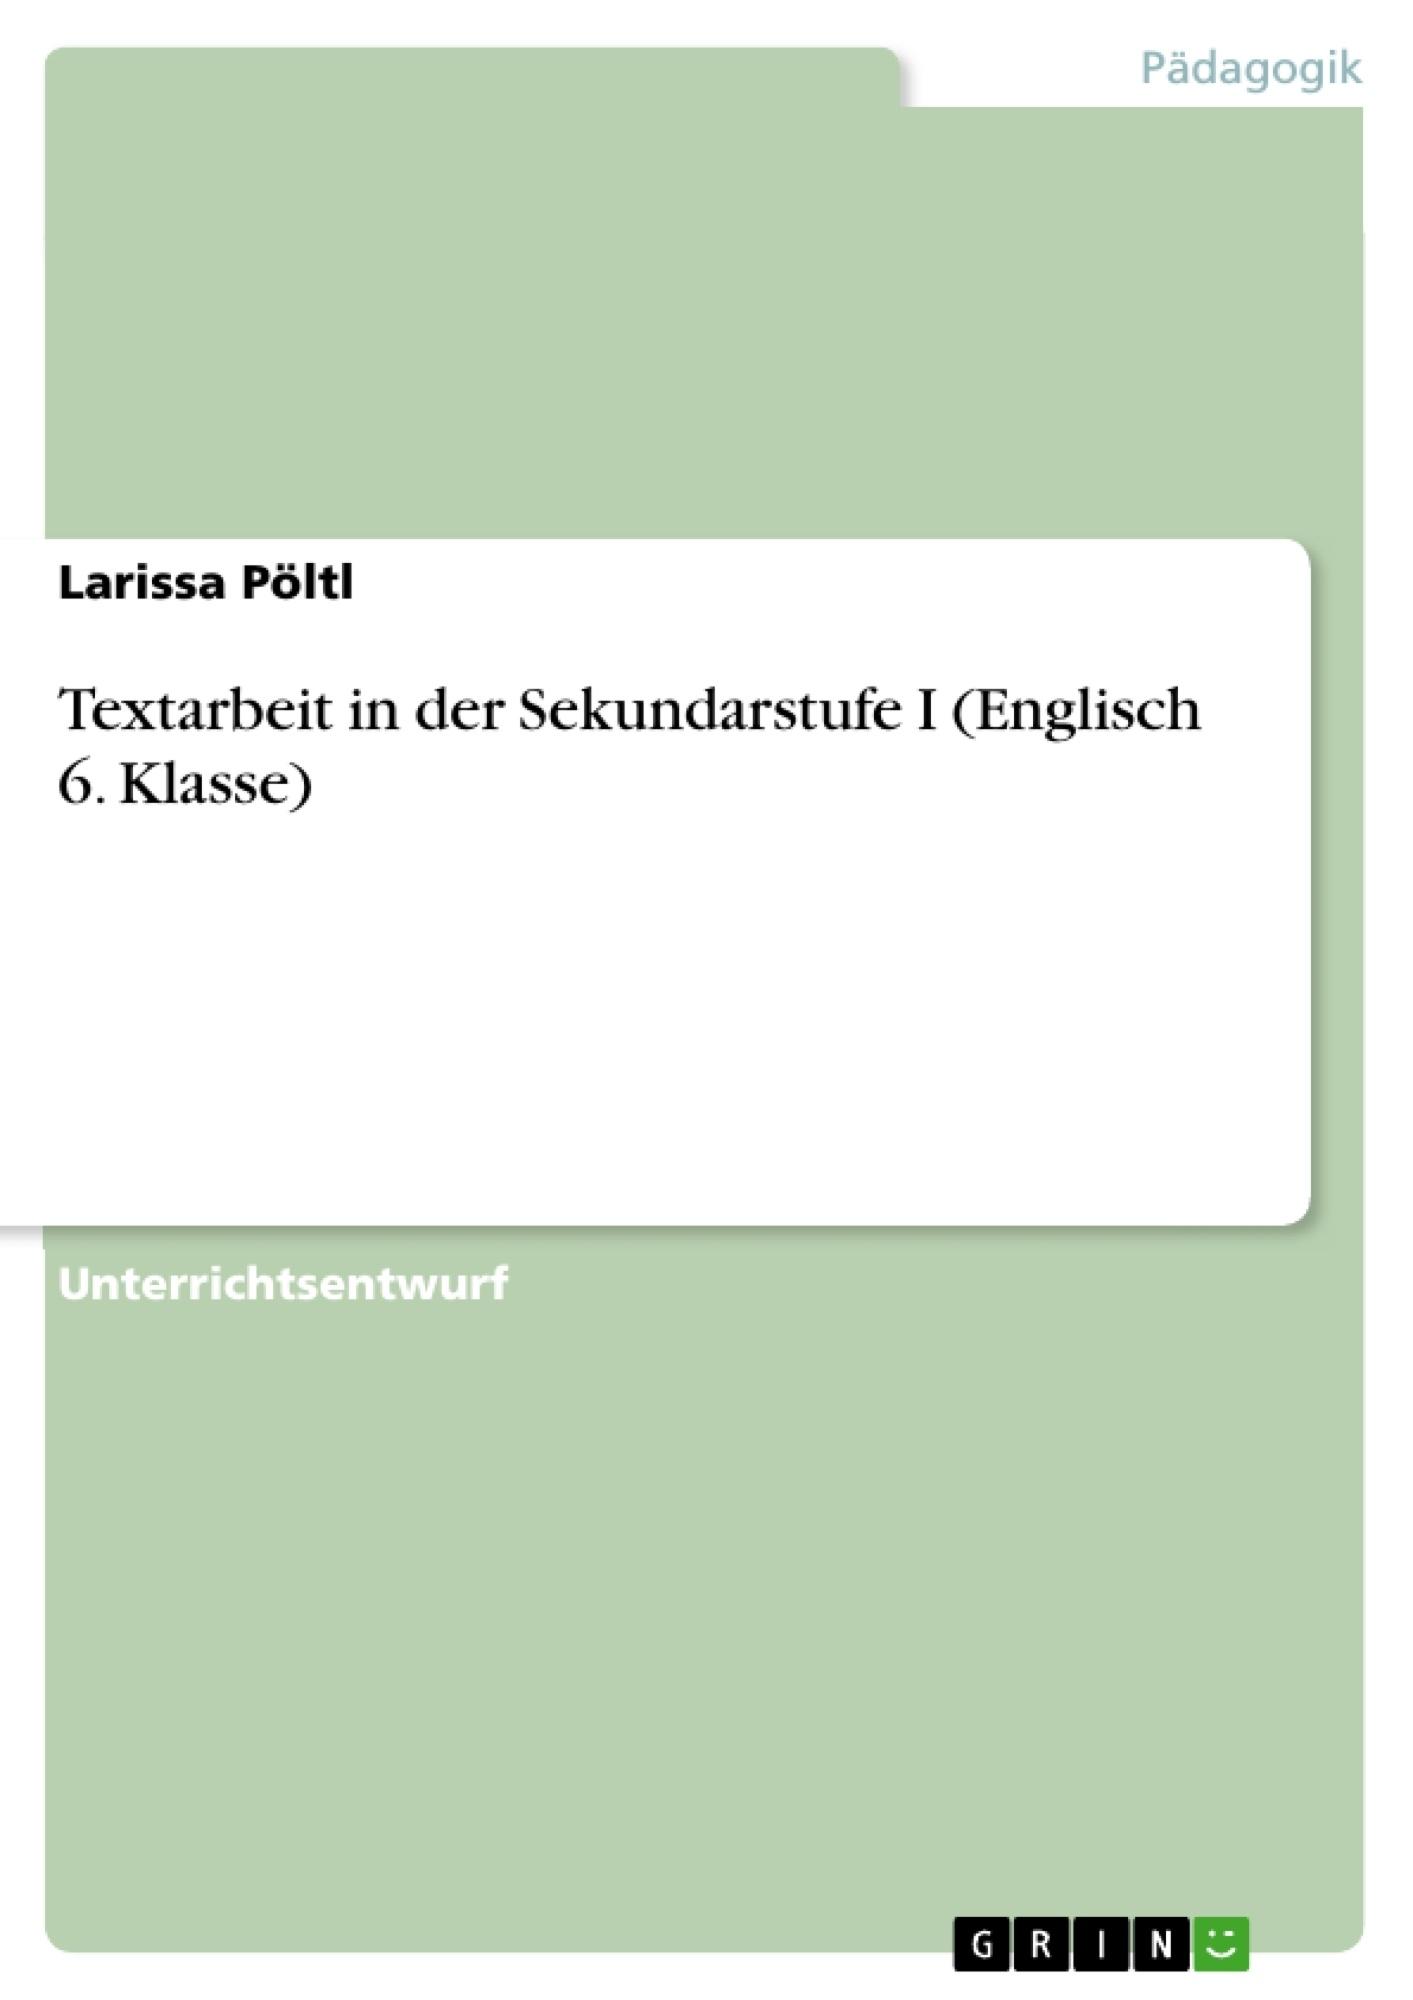 Titel: Textarbeit in der Sekundarstufe I (Englisch 6. Klasse)